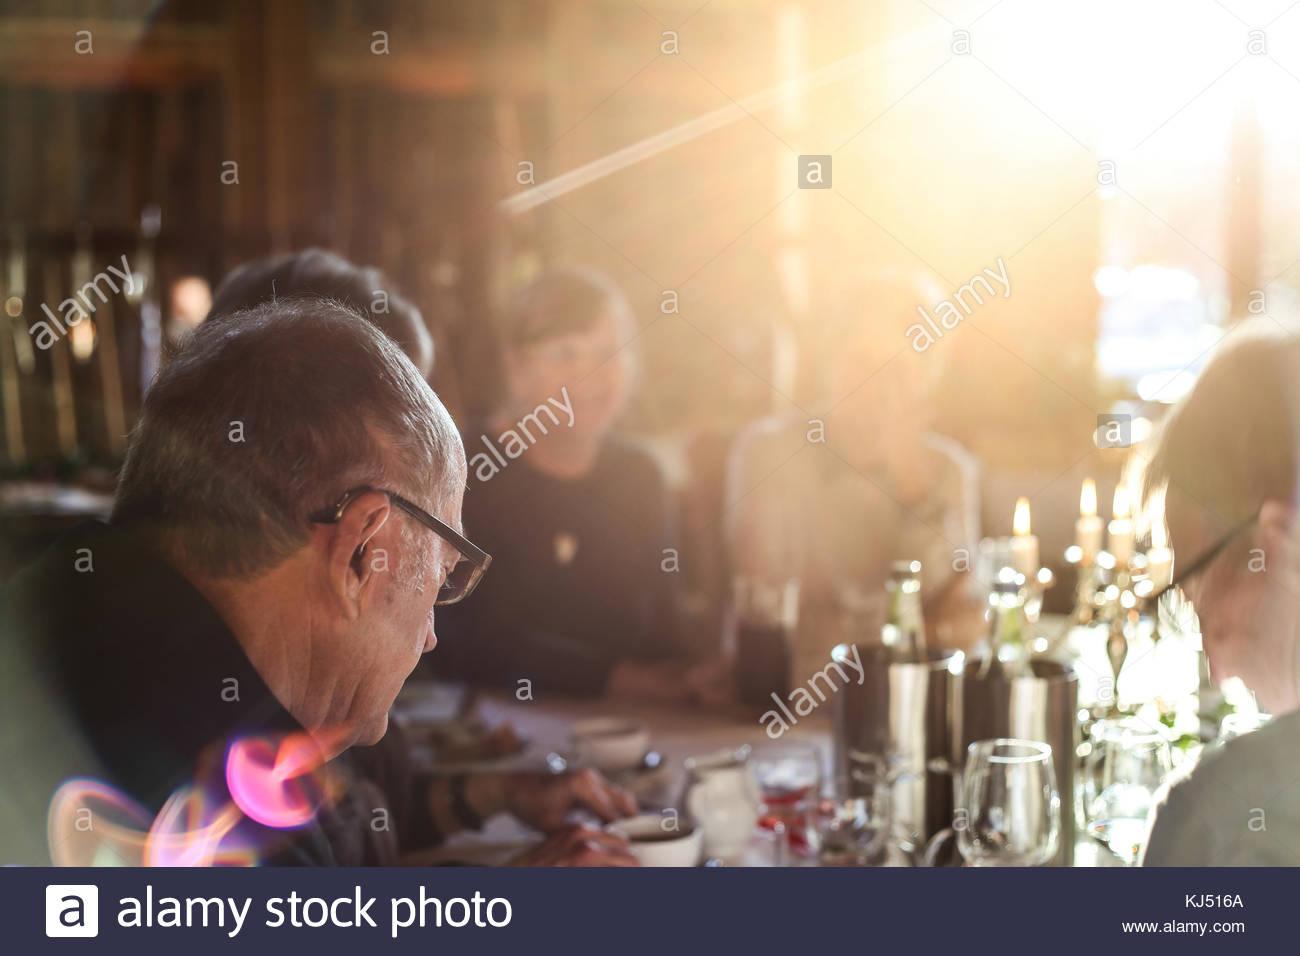 Dinner scene with soft light - Stock Image